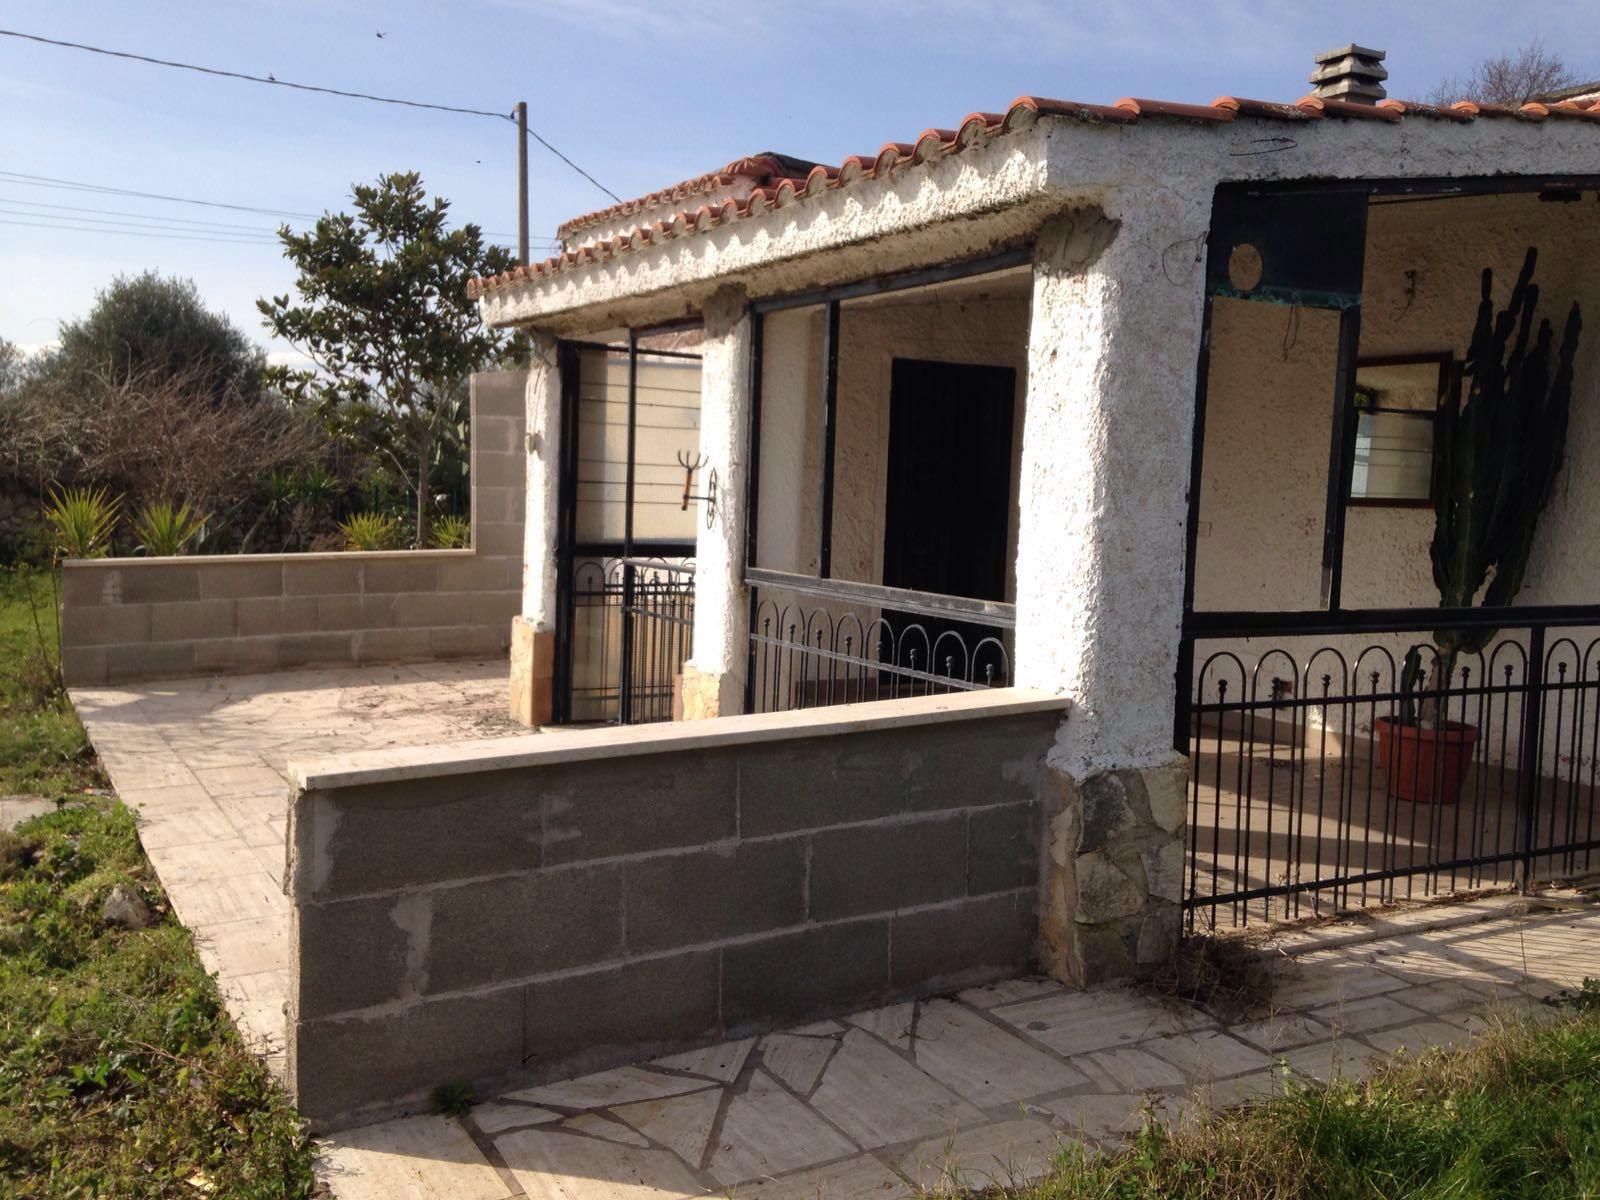 Soluzione Indipendente in vendita a Palombara Sabina, 3 locali, zona Località: Palombarese, prezzo € 120.000   CambioCasa.it